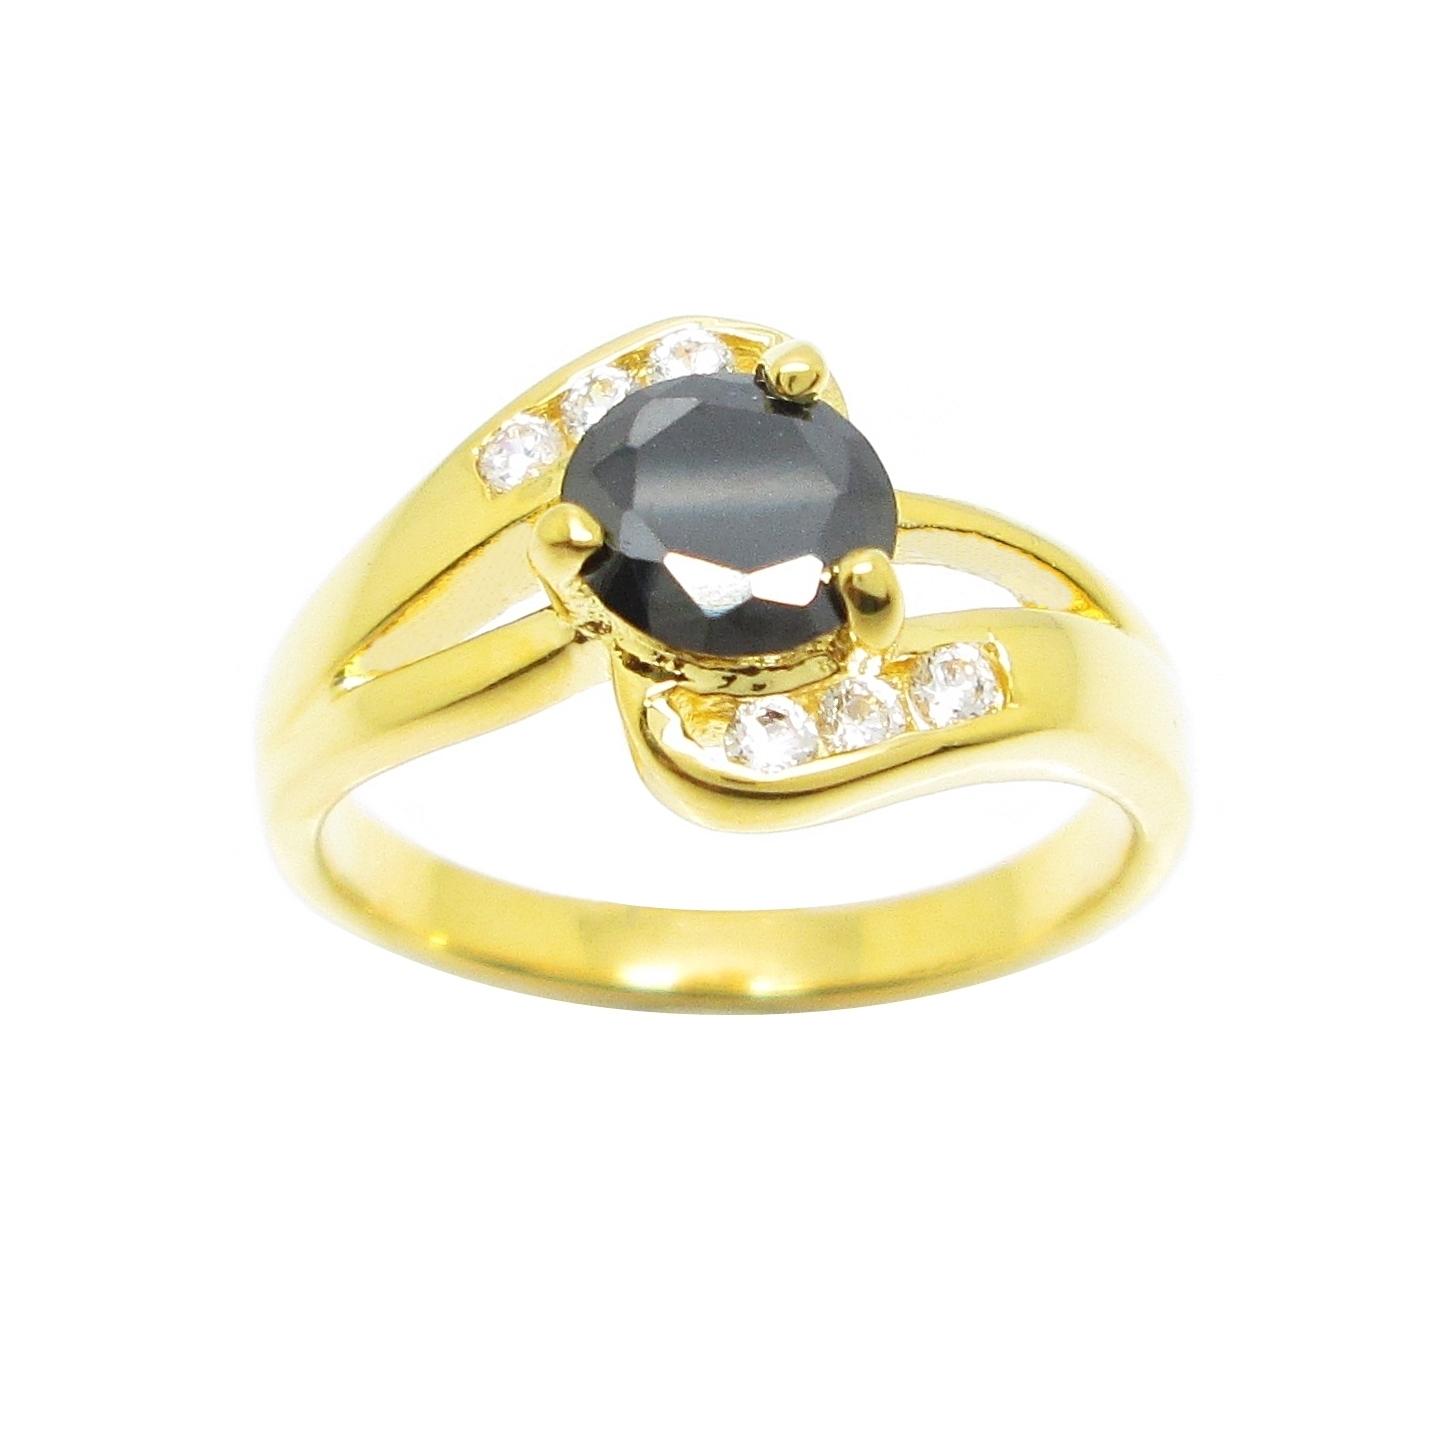 แหวนพลอยสีนิลประดับเพชรก้านแยกชุบทอง